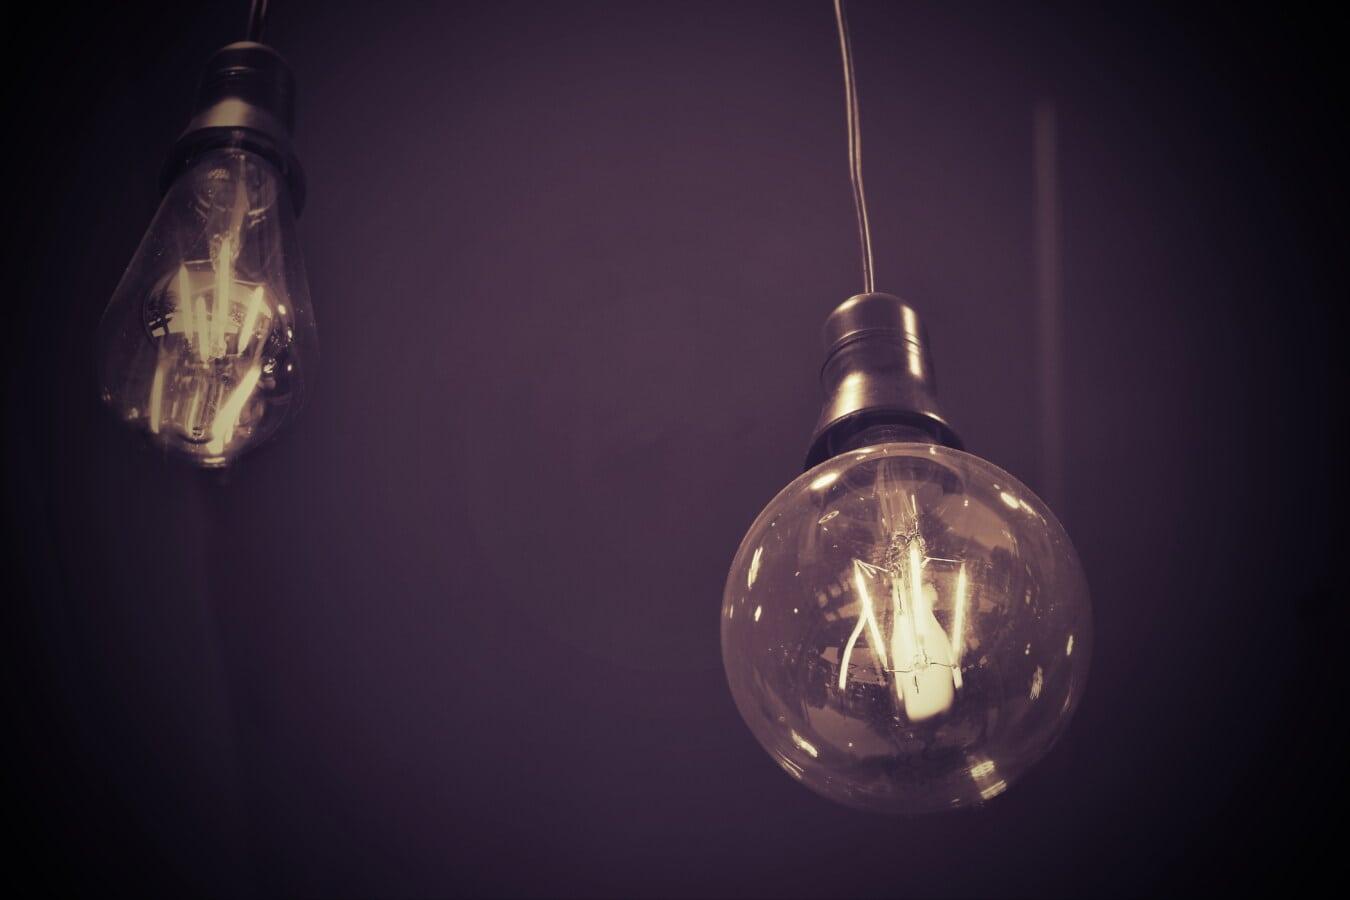 bec, agăţat, sârmă, umbra, întunericul, întuneric, ilustraţie, sticlă, sfera, decor